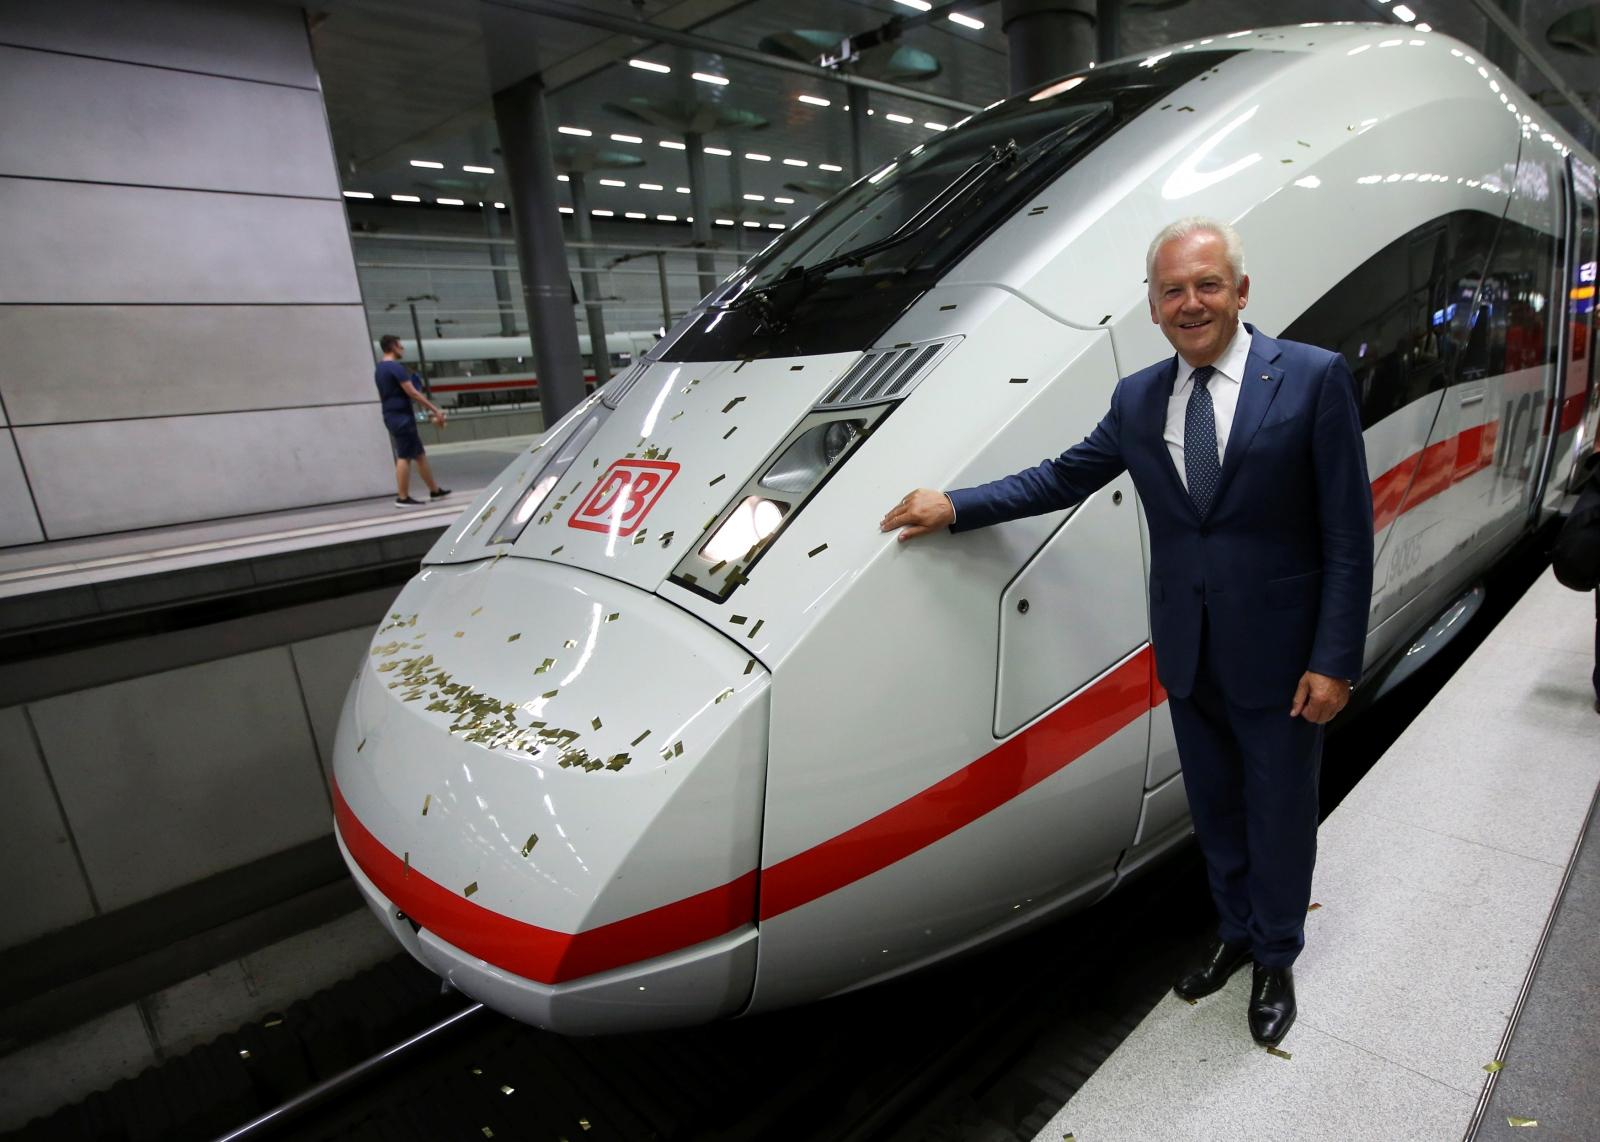 Deutsche Bahn former CEO Ruediger Grube